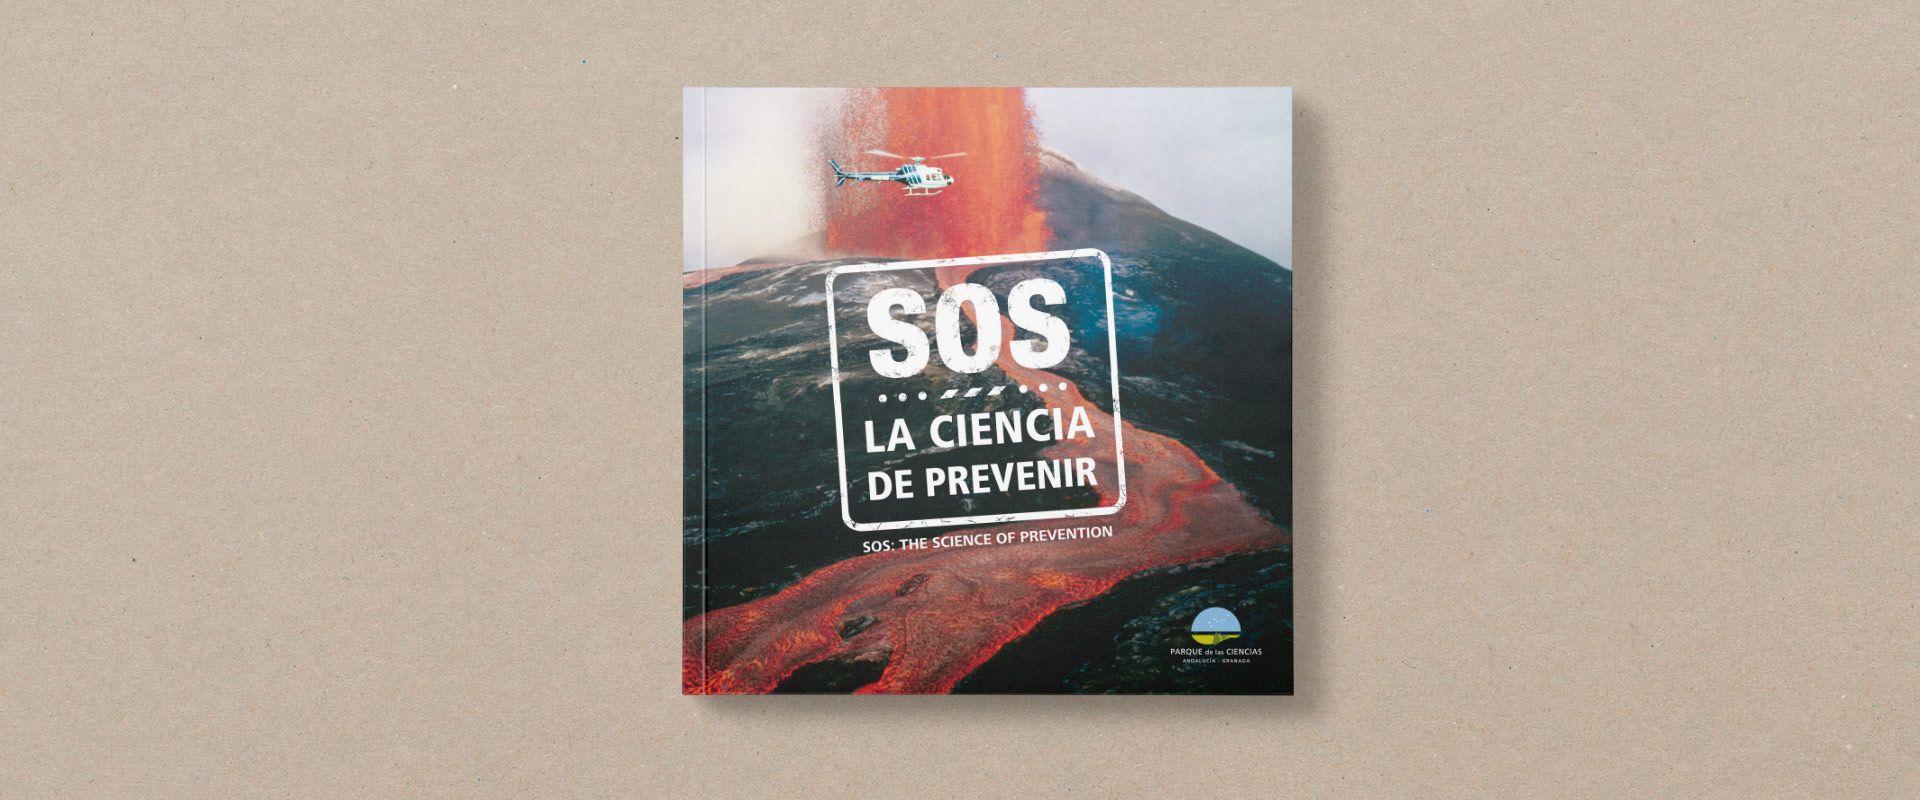 portada catálogo exposición SOS del parque de las ciencias de granada